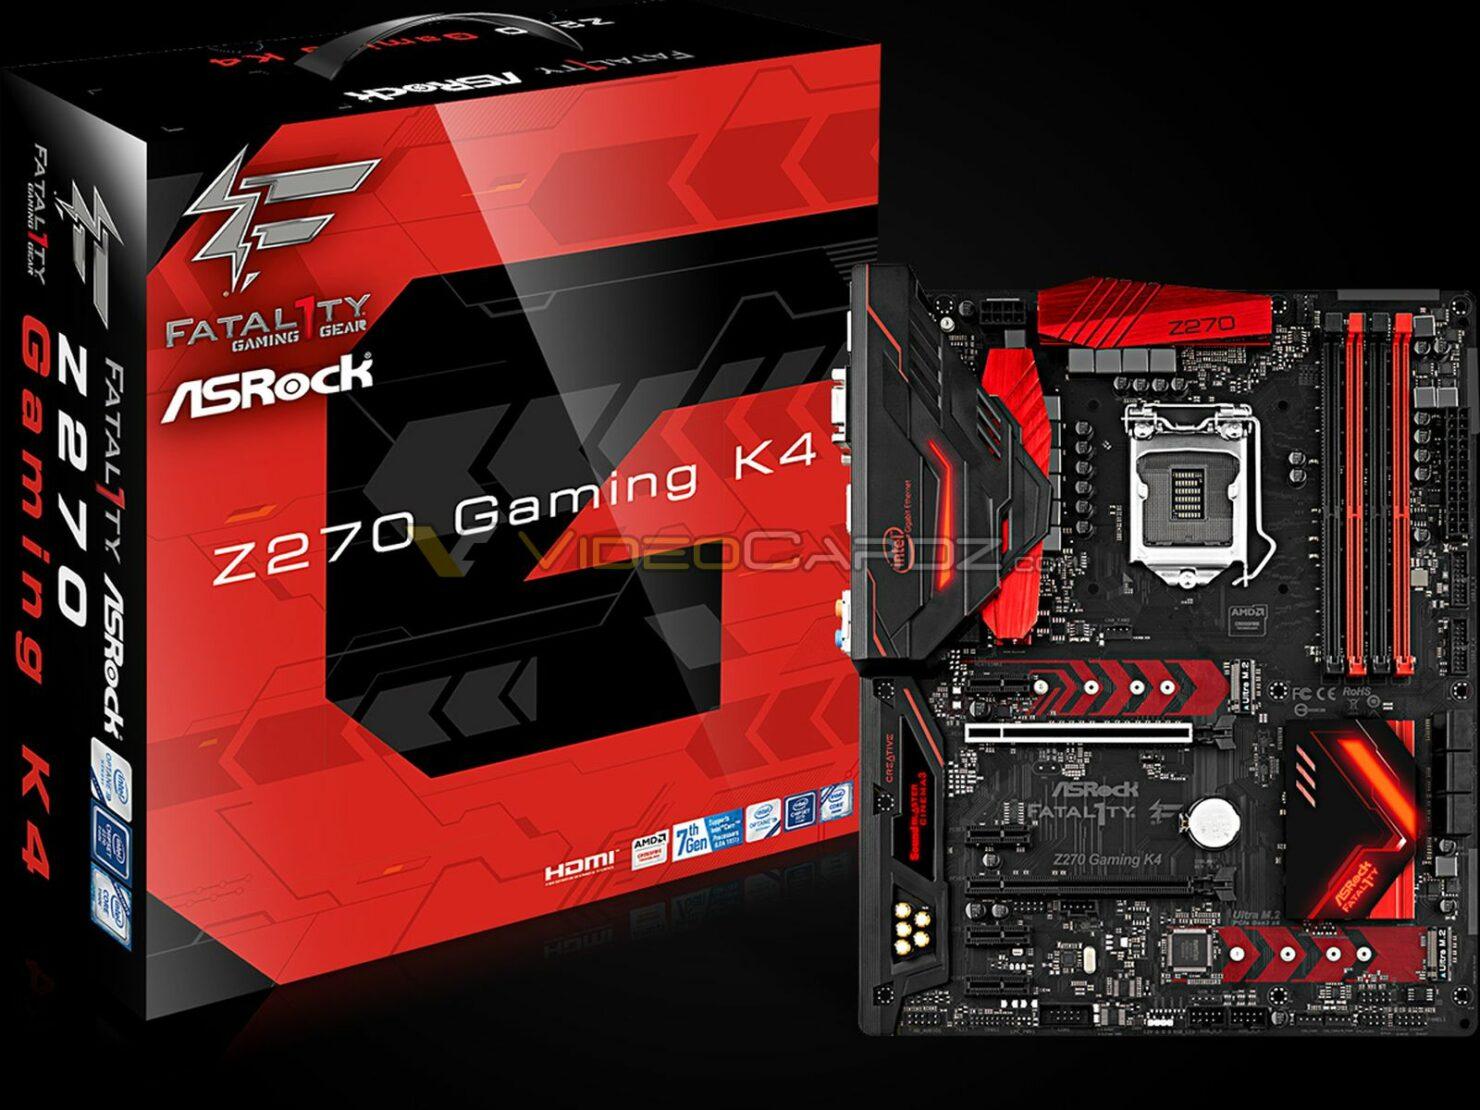 asrock-z270-gaming-k4-2